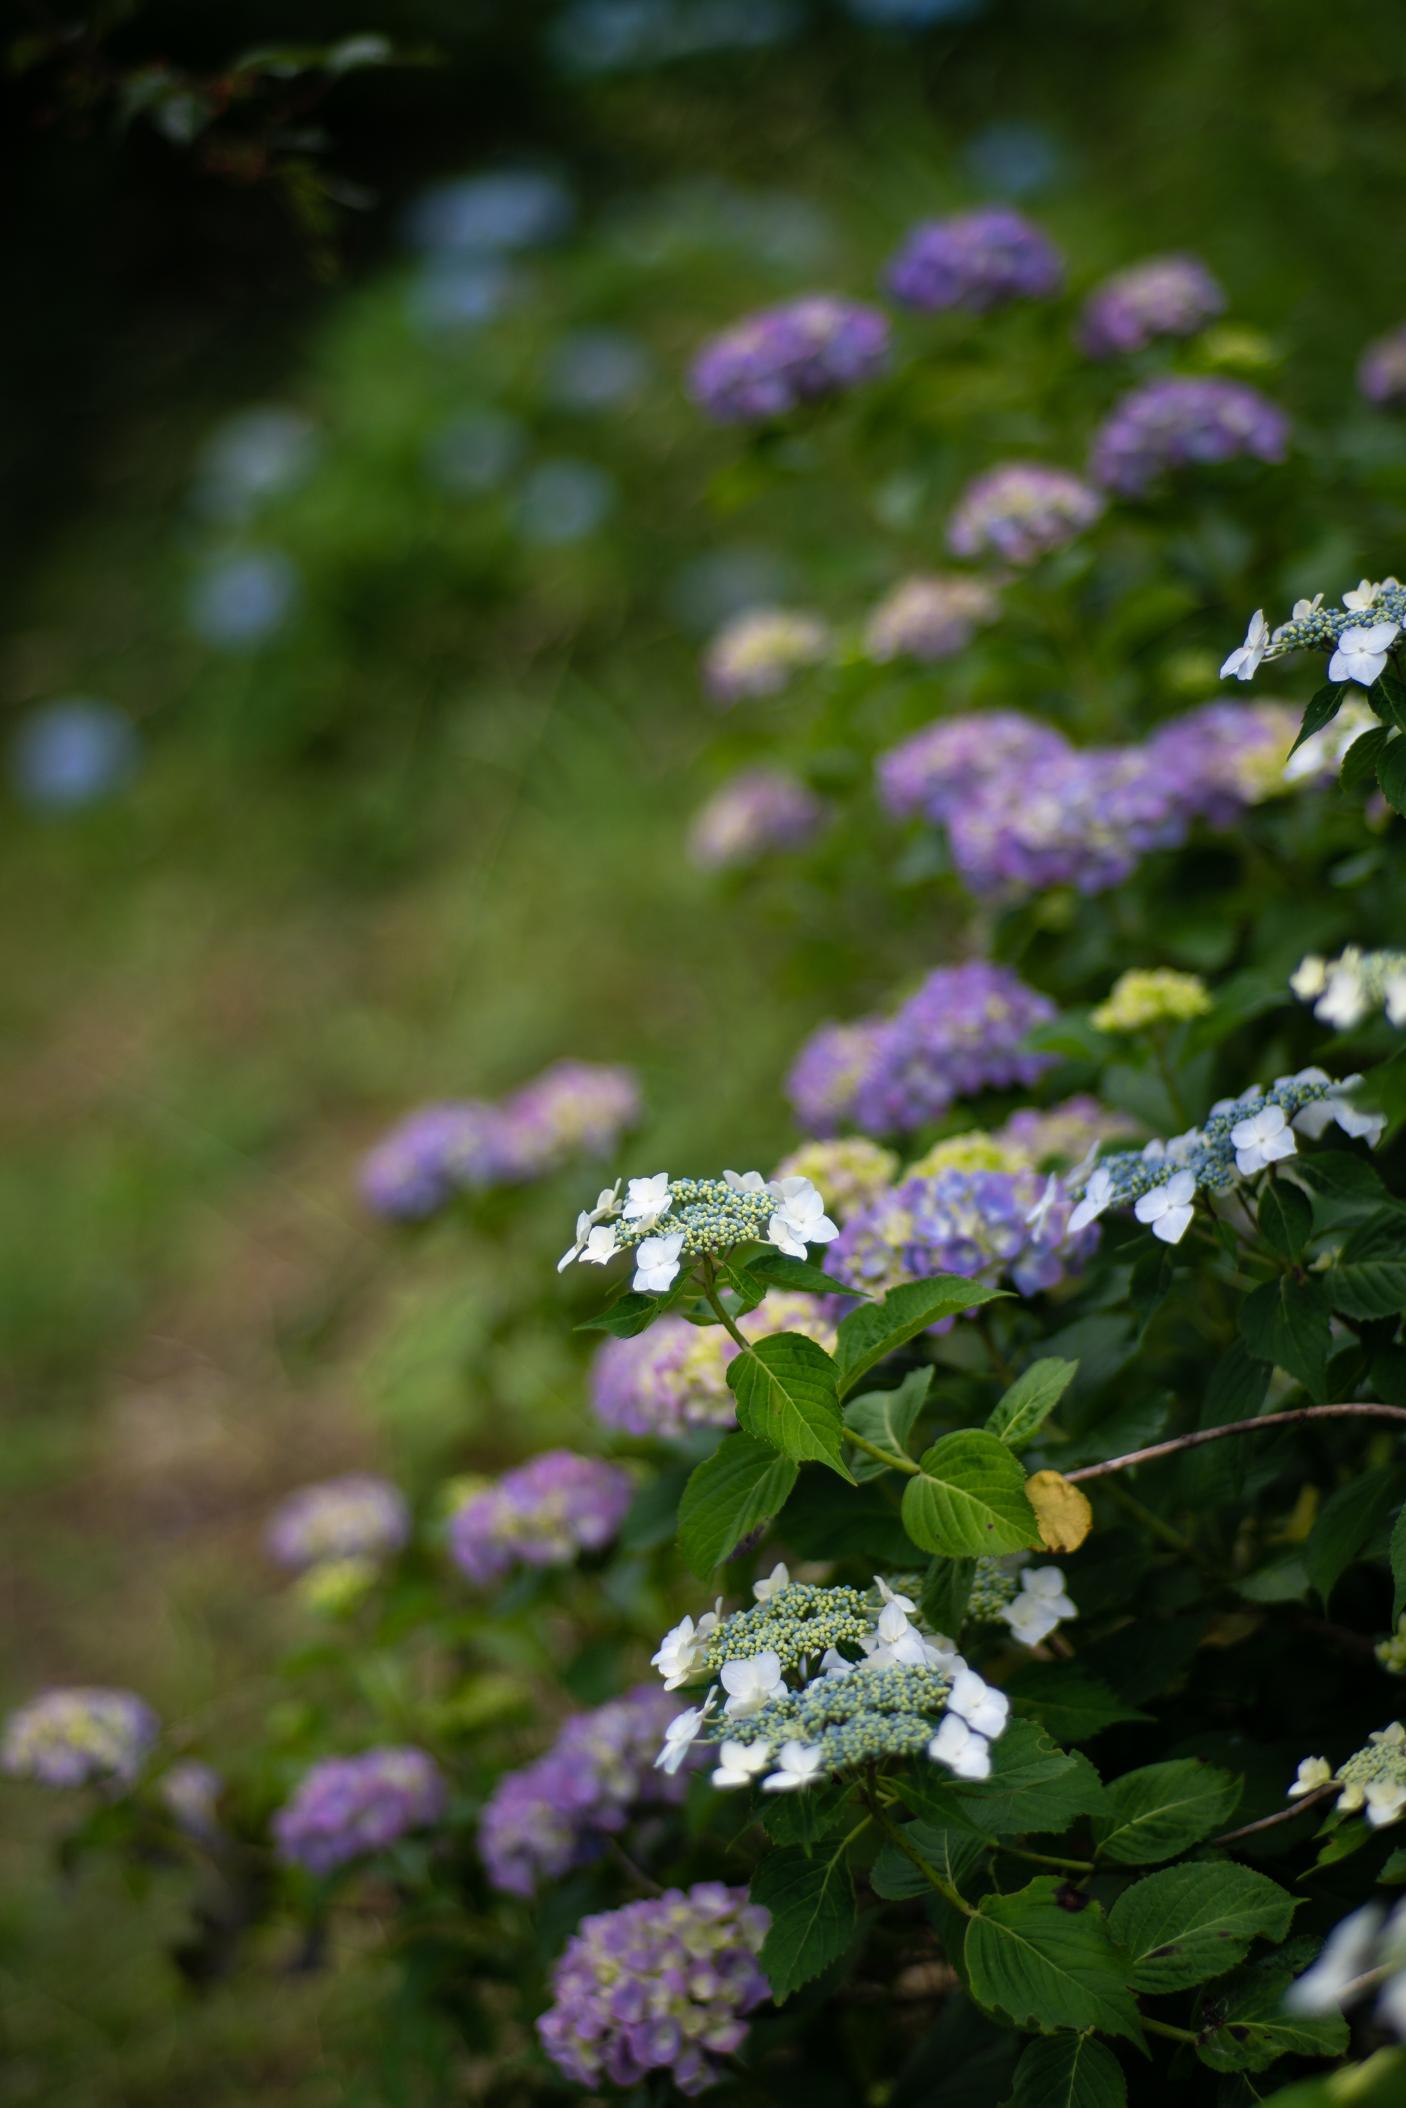 2020.06.21 秩父美の山公園 紫陽花-6.jpg